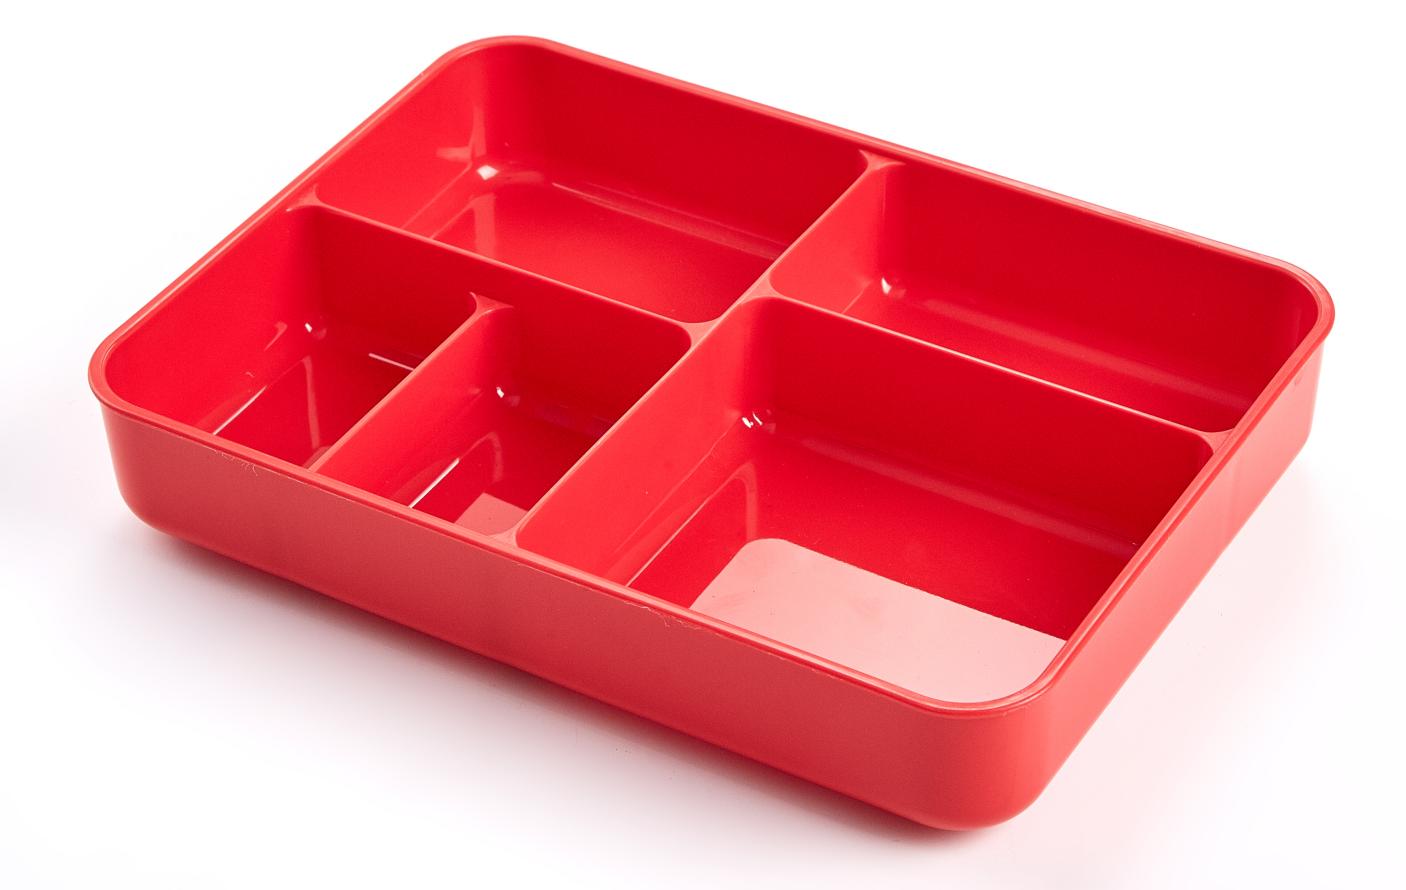 KJB-G07套餐盒